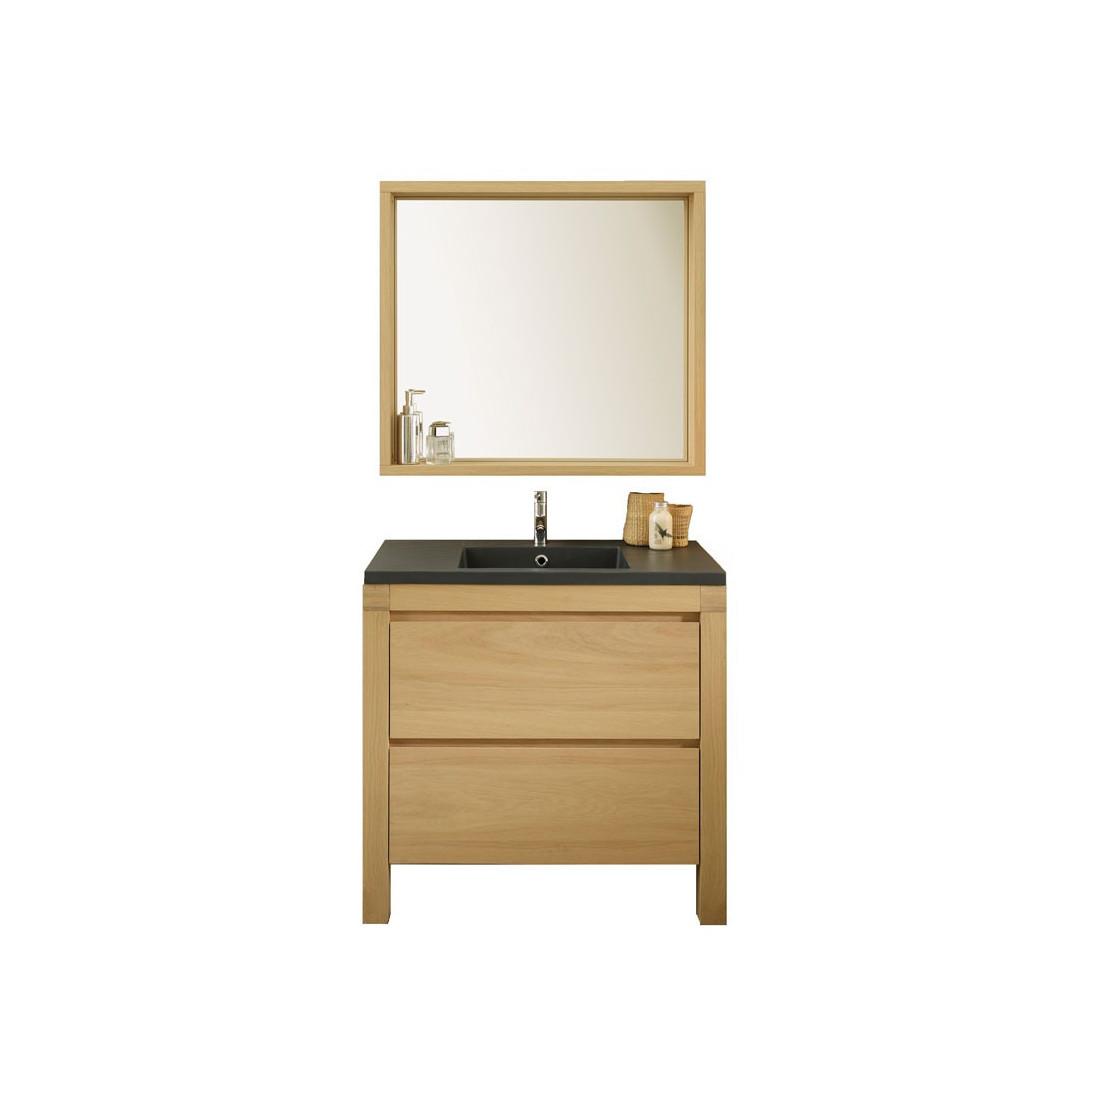 Meuble avec vasque miroir artemis univers de la salle - Meuble salle de bain avec miroir ...